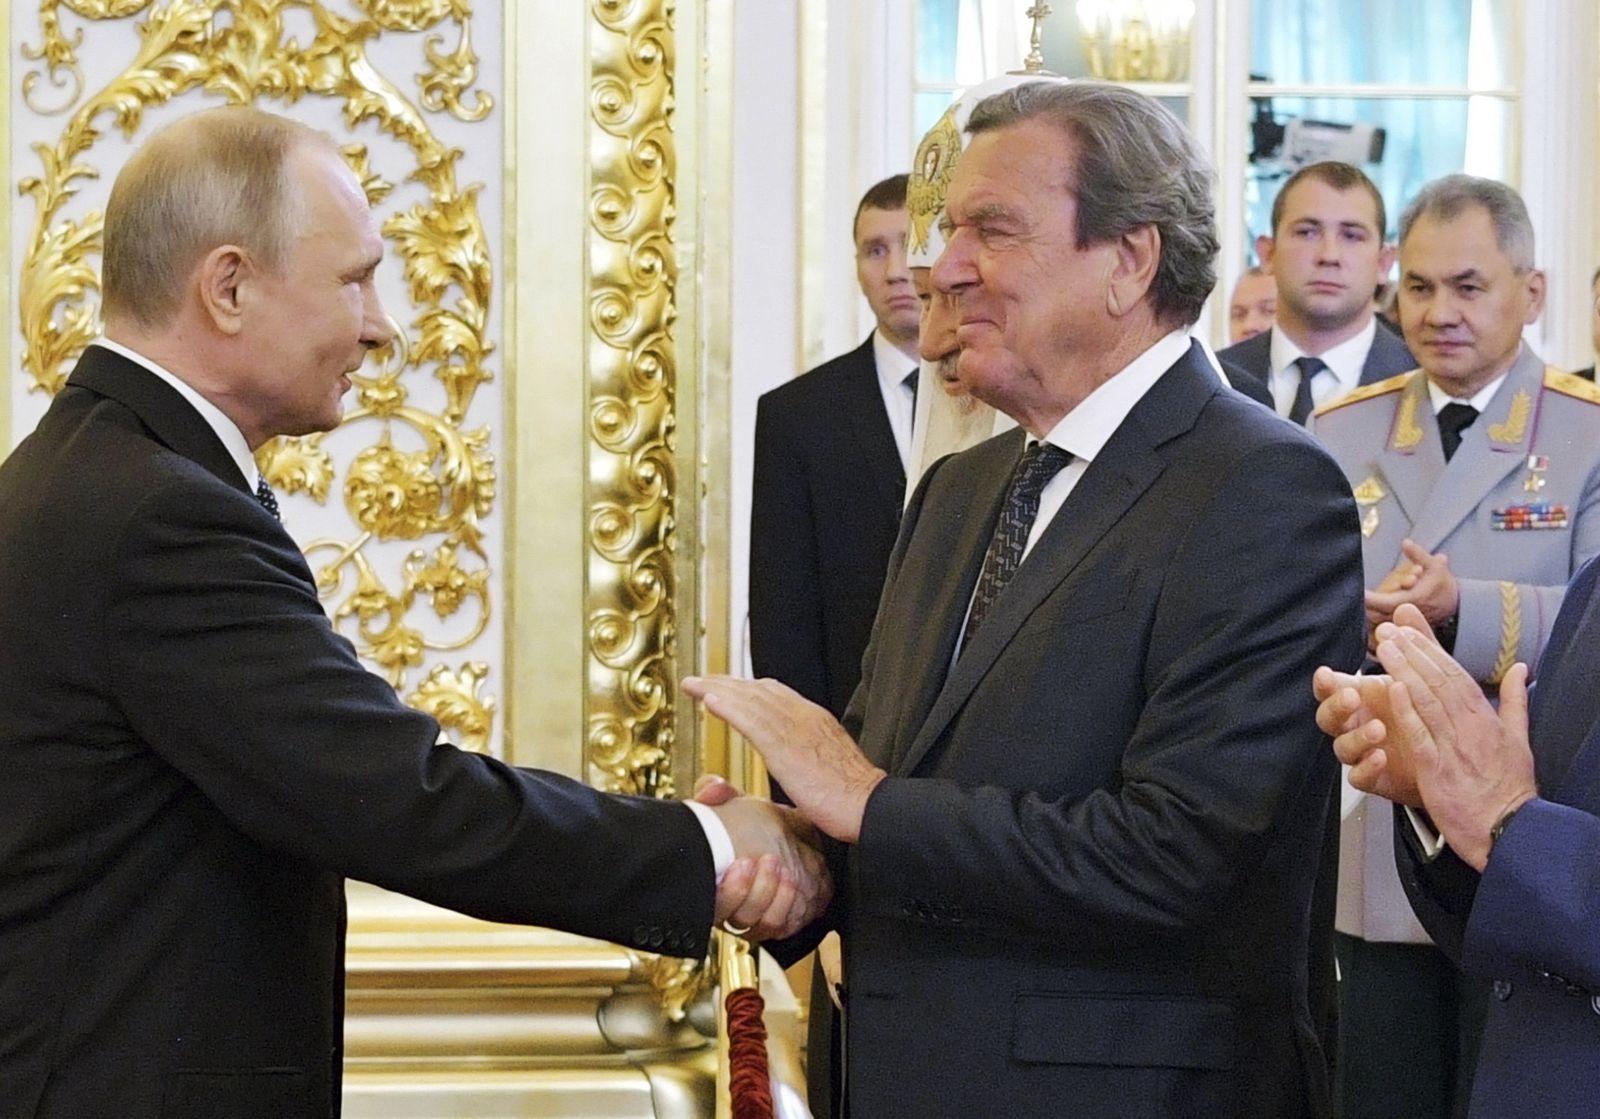 Wladimir Putin, Gerhard Schröder